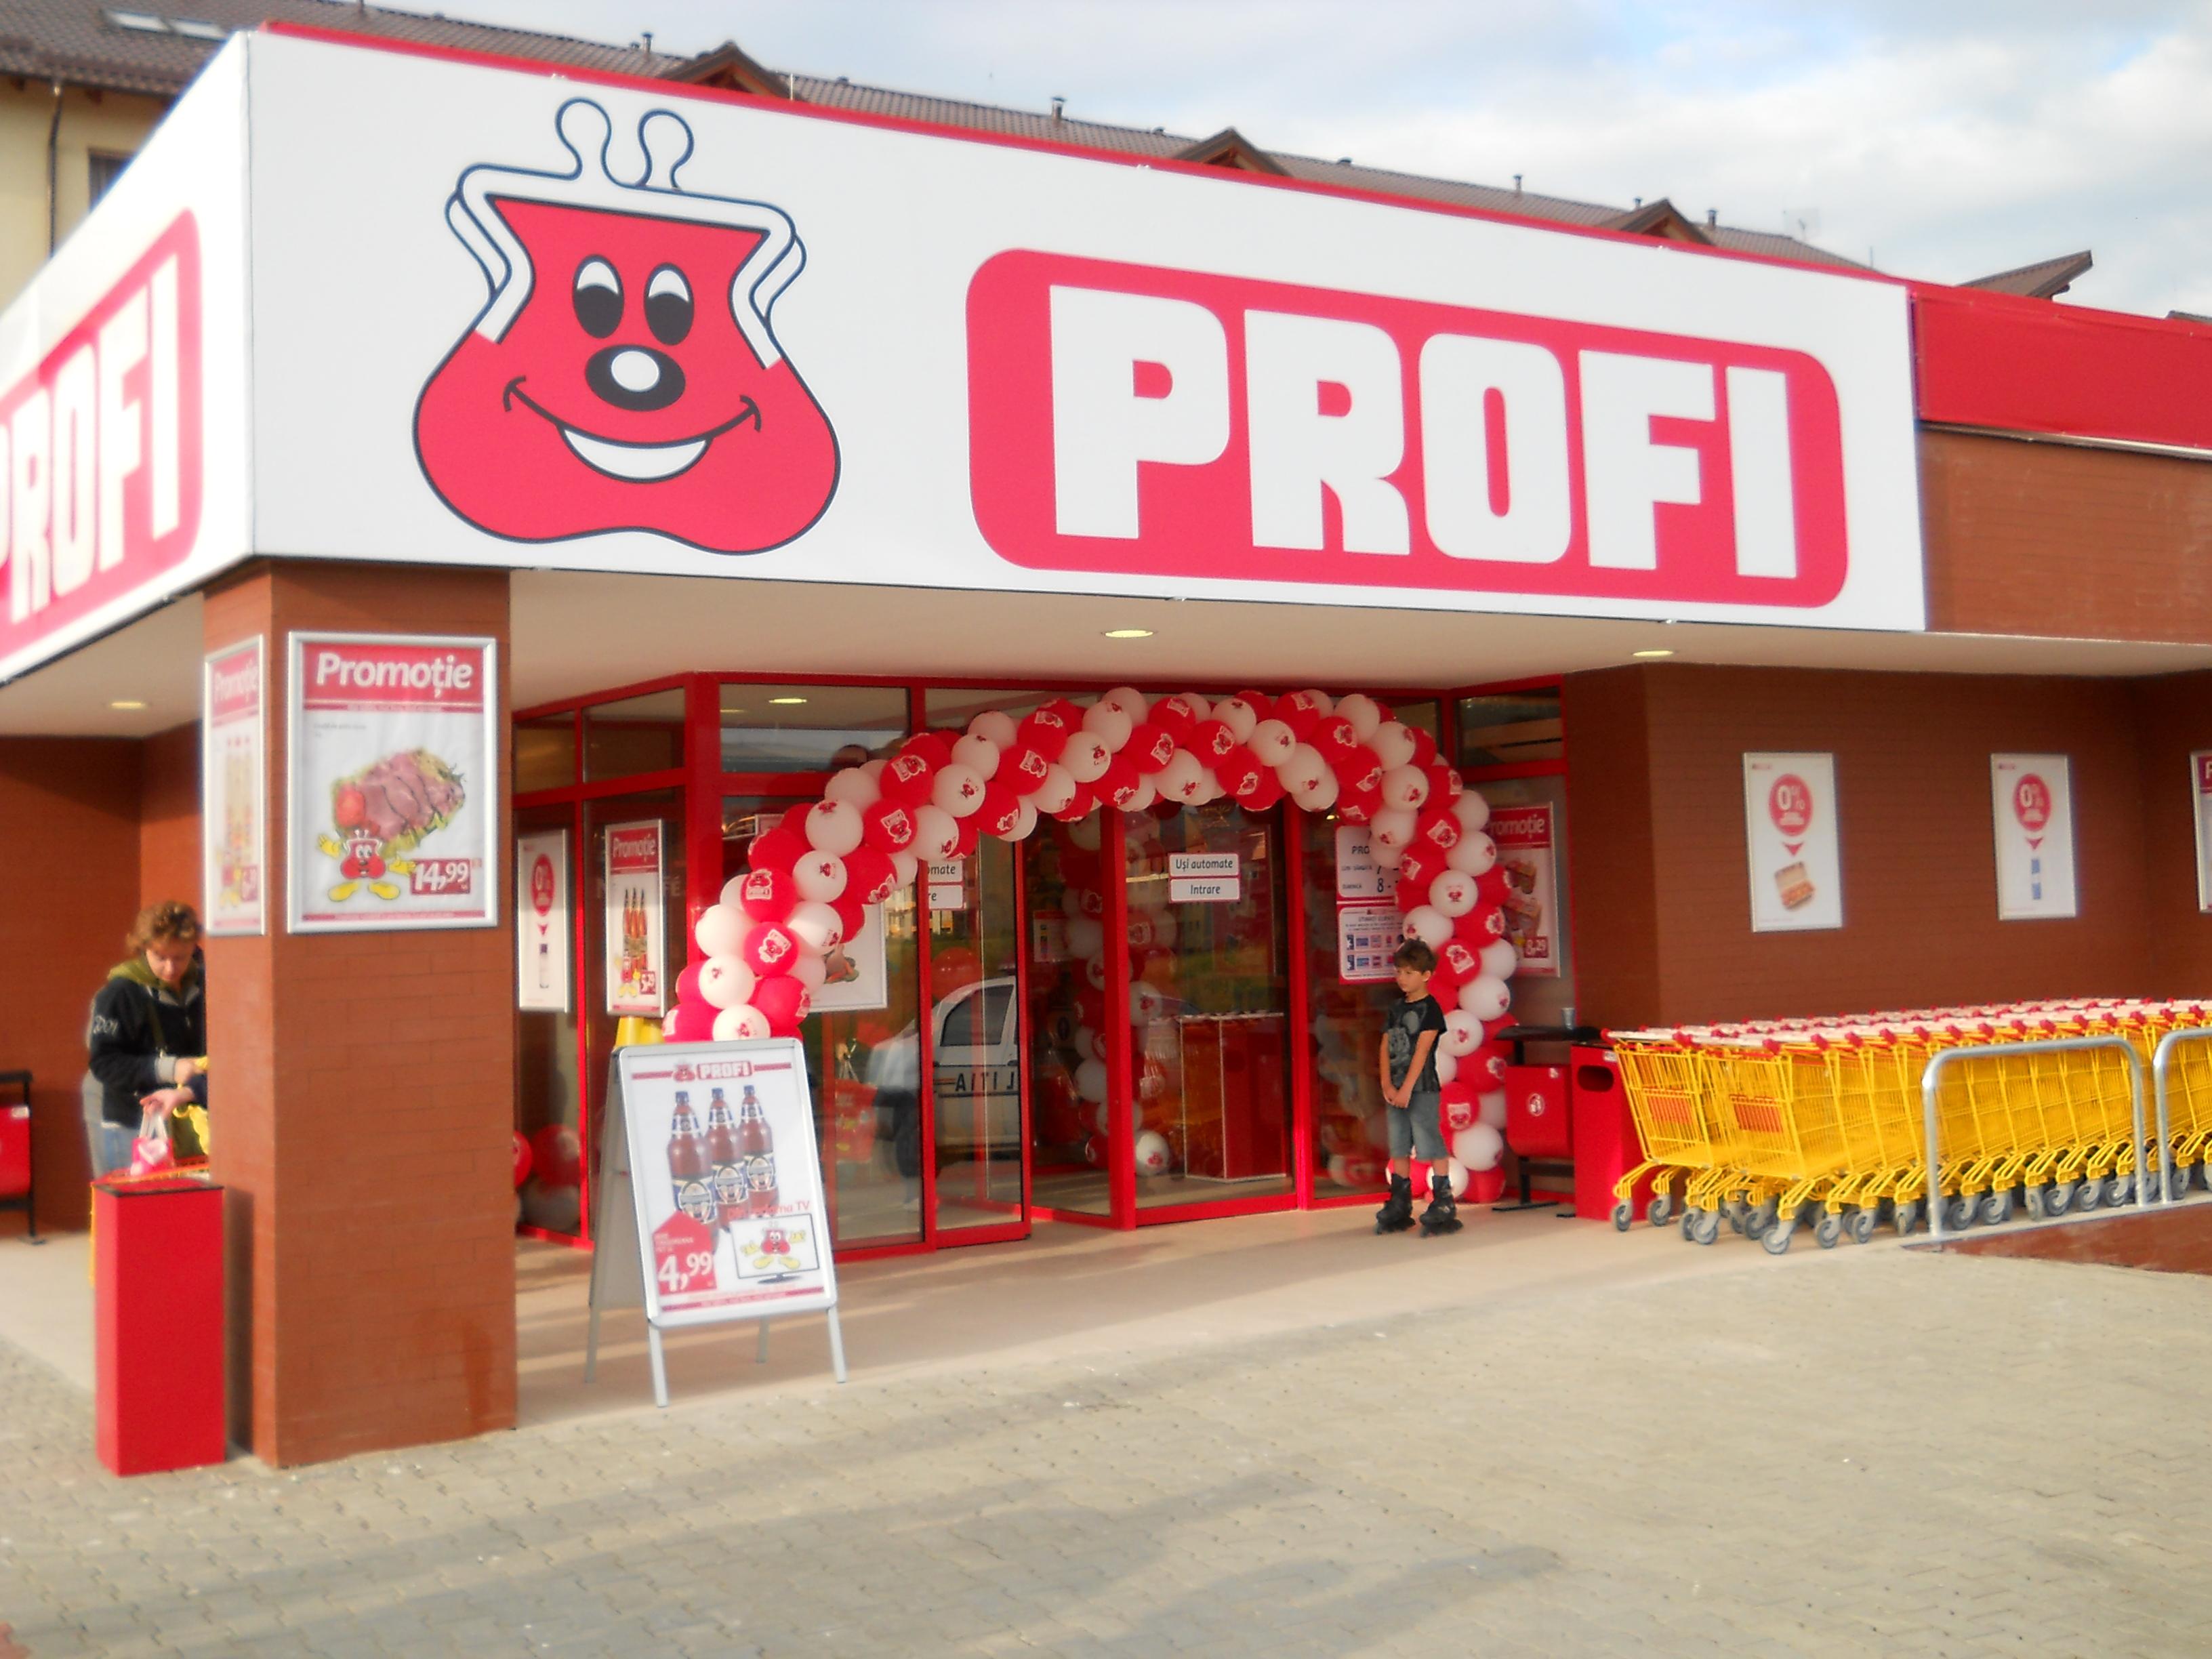 PROFI deschide un supermarket în Negrești-Oaș